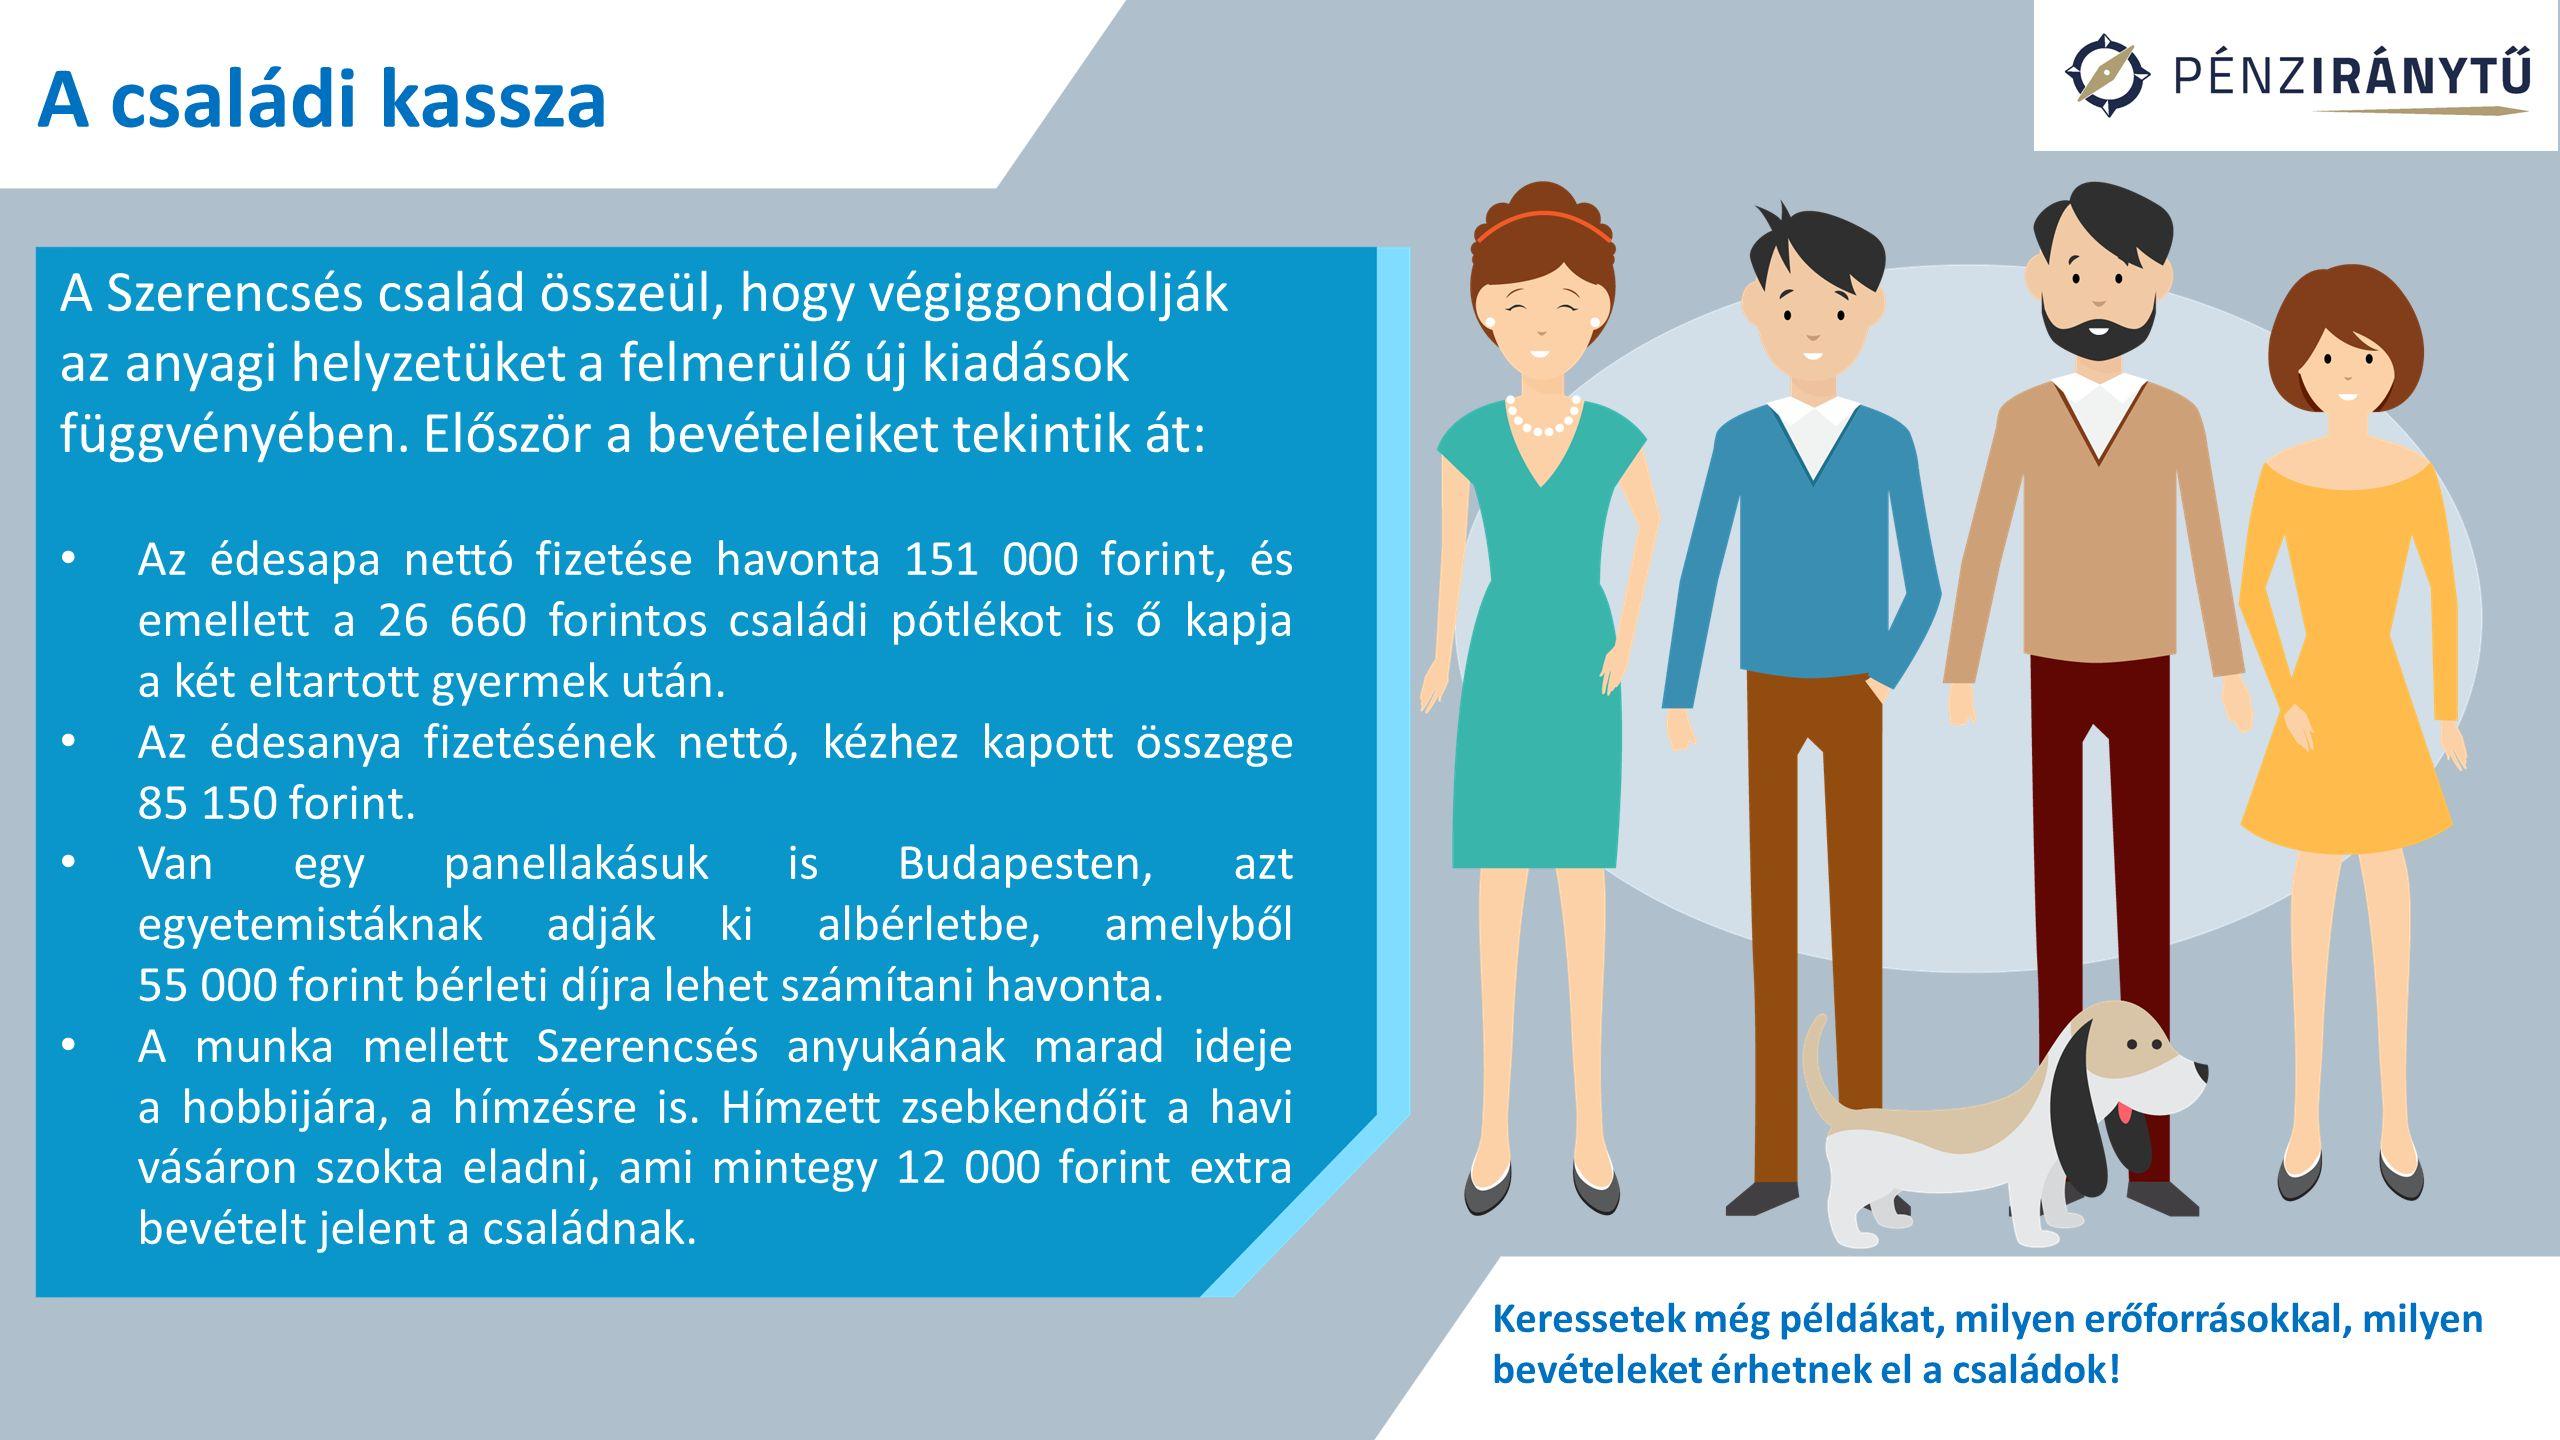 A családi kassza A háztartások jövedelme: munkából származó bevételek vagyonból származó jövedelem társadalmi juttatások (transzferek) egyéb jövedelmek Összegezzétek, mekkora a Szerencsés család összes havi jövedelme.